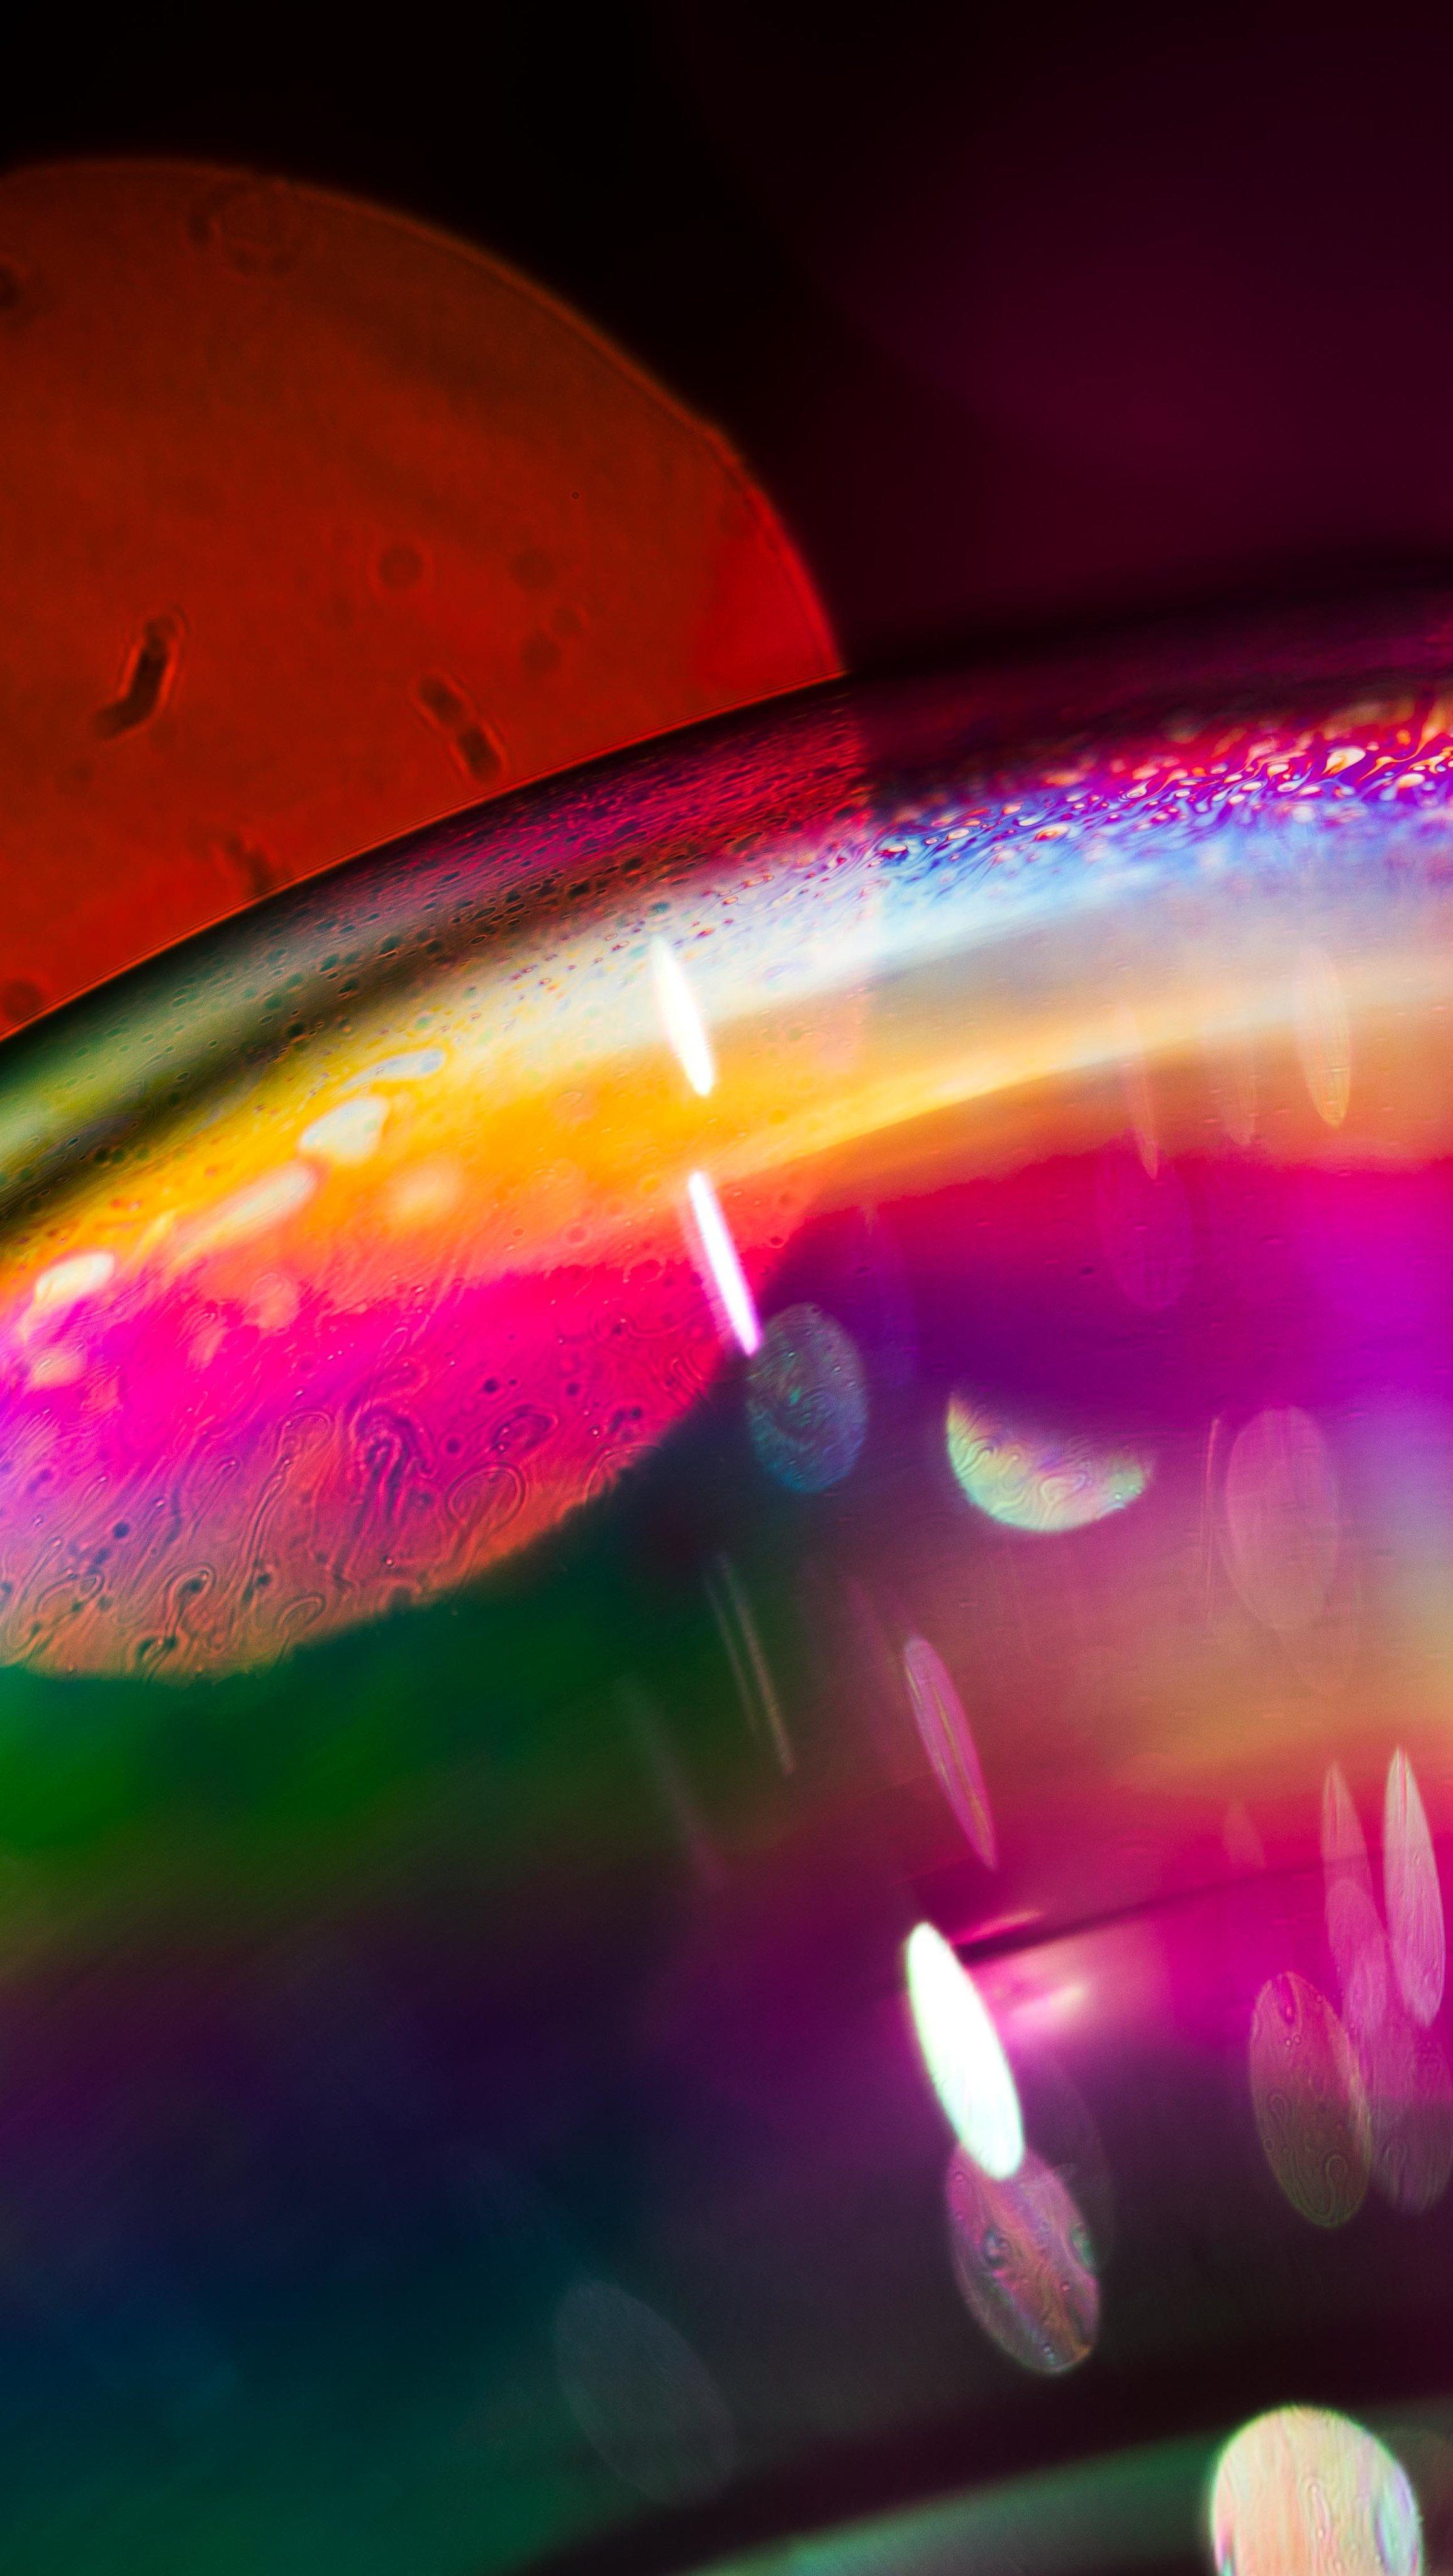 Fondos de pantalla Burbujas coloridas Vertical